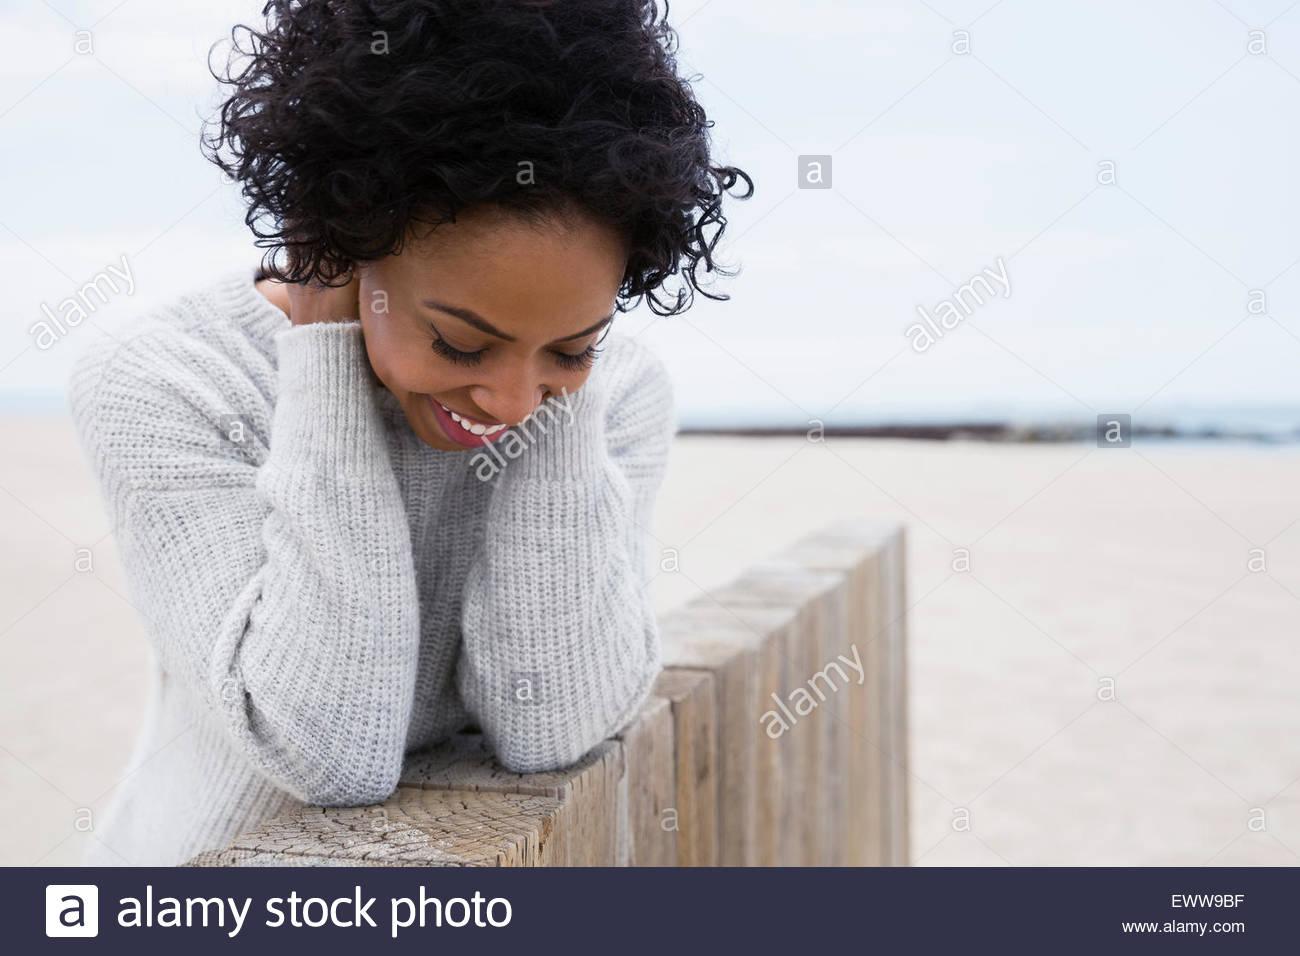 Mujer sonriente rizado cabello negro inclinada pared de playa Imagen De Stock